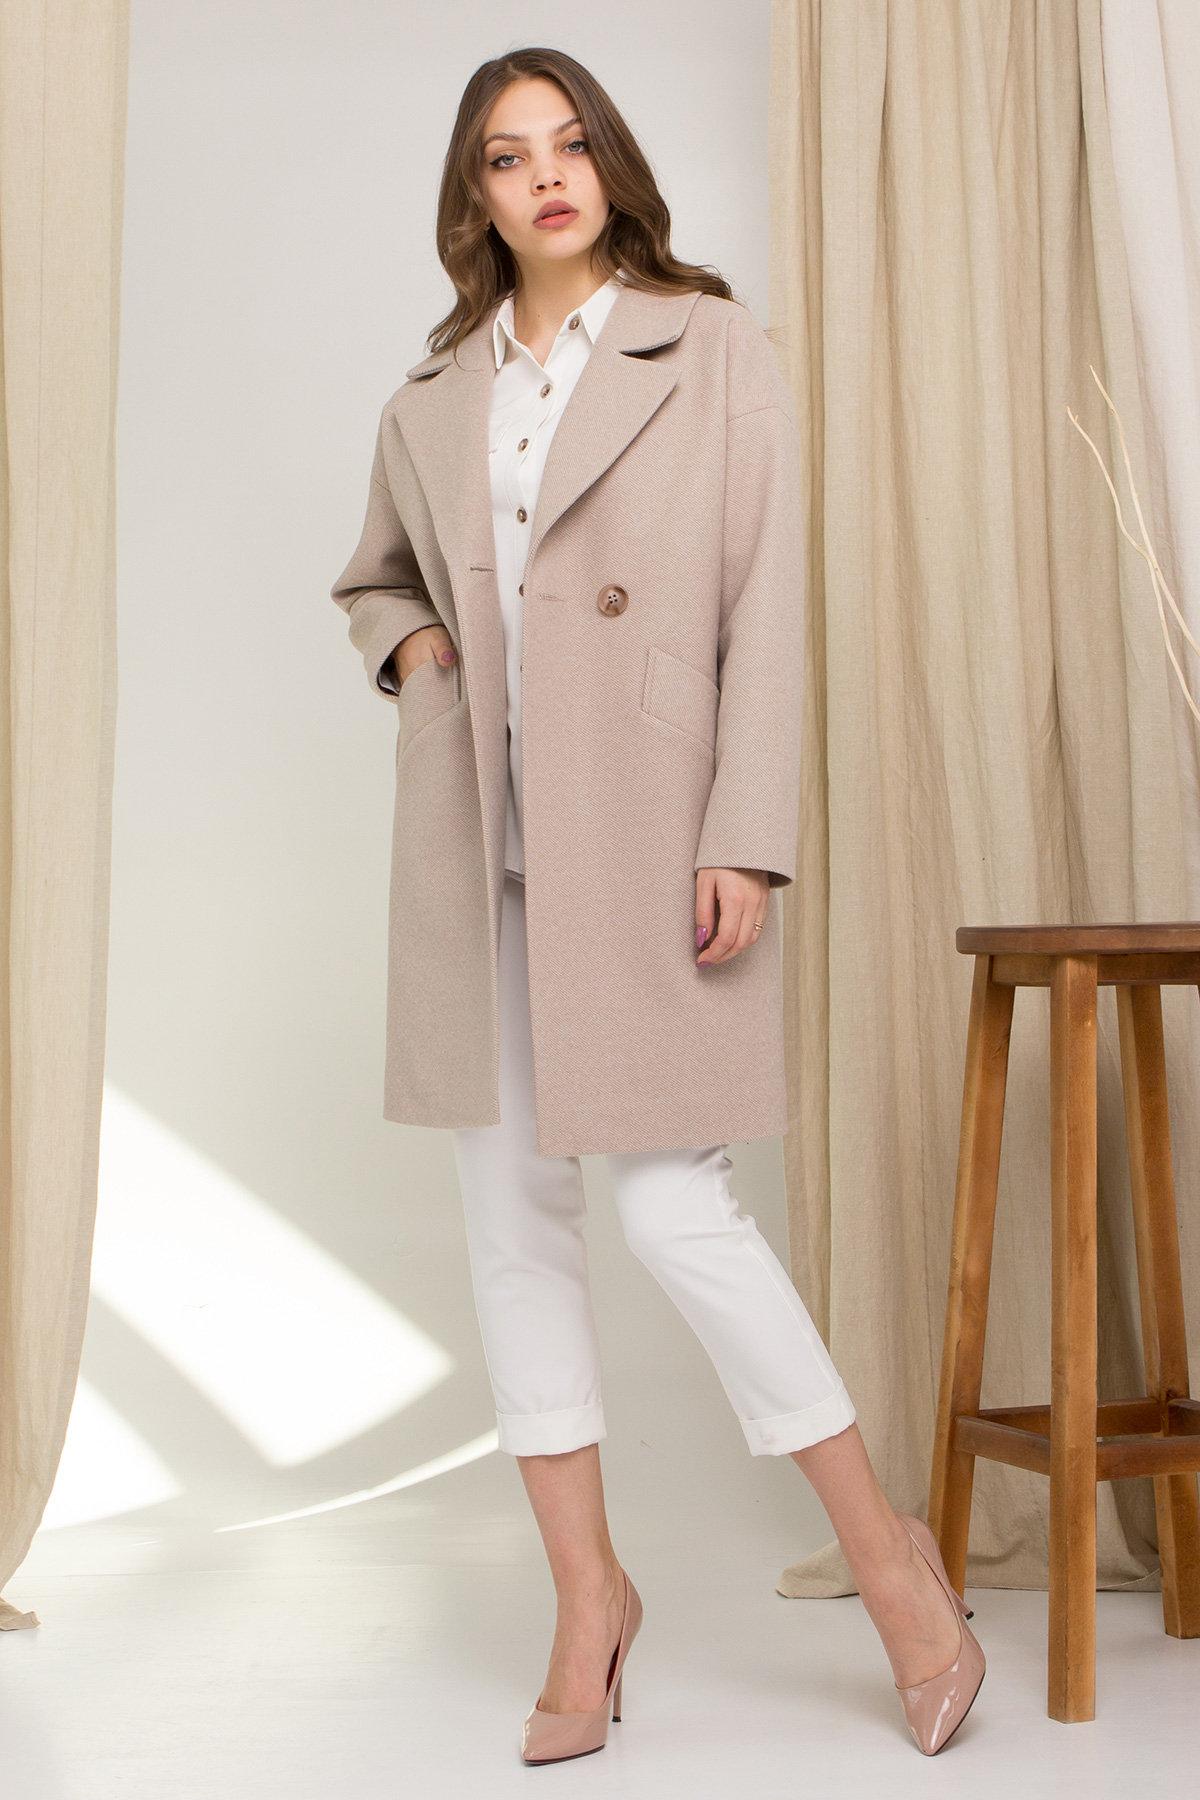 Пальто Сенсей 8907 АРТ. 45368 Цвет: Бежевый - фото 1, интернет магазин tm-modus.ru